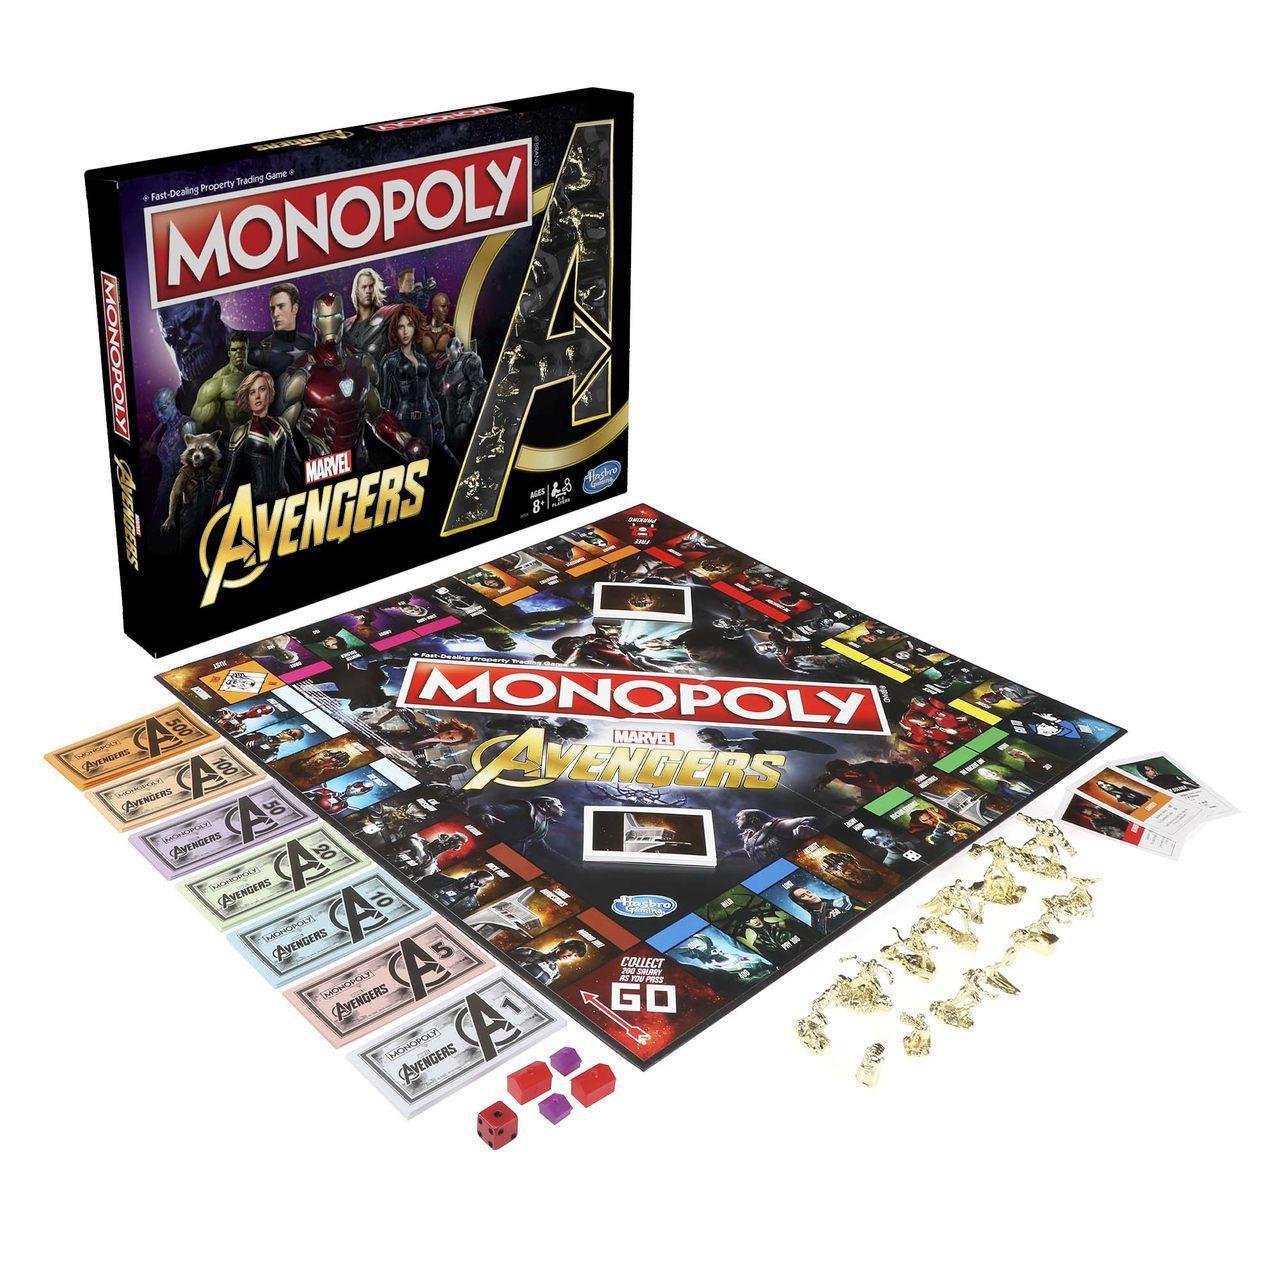 Jogo de Tabuleiro (Board Games) Monopoly Vingadores (Avengers): Marvel - USAopoly